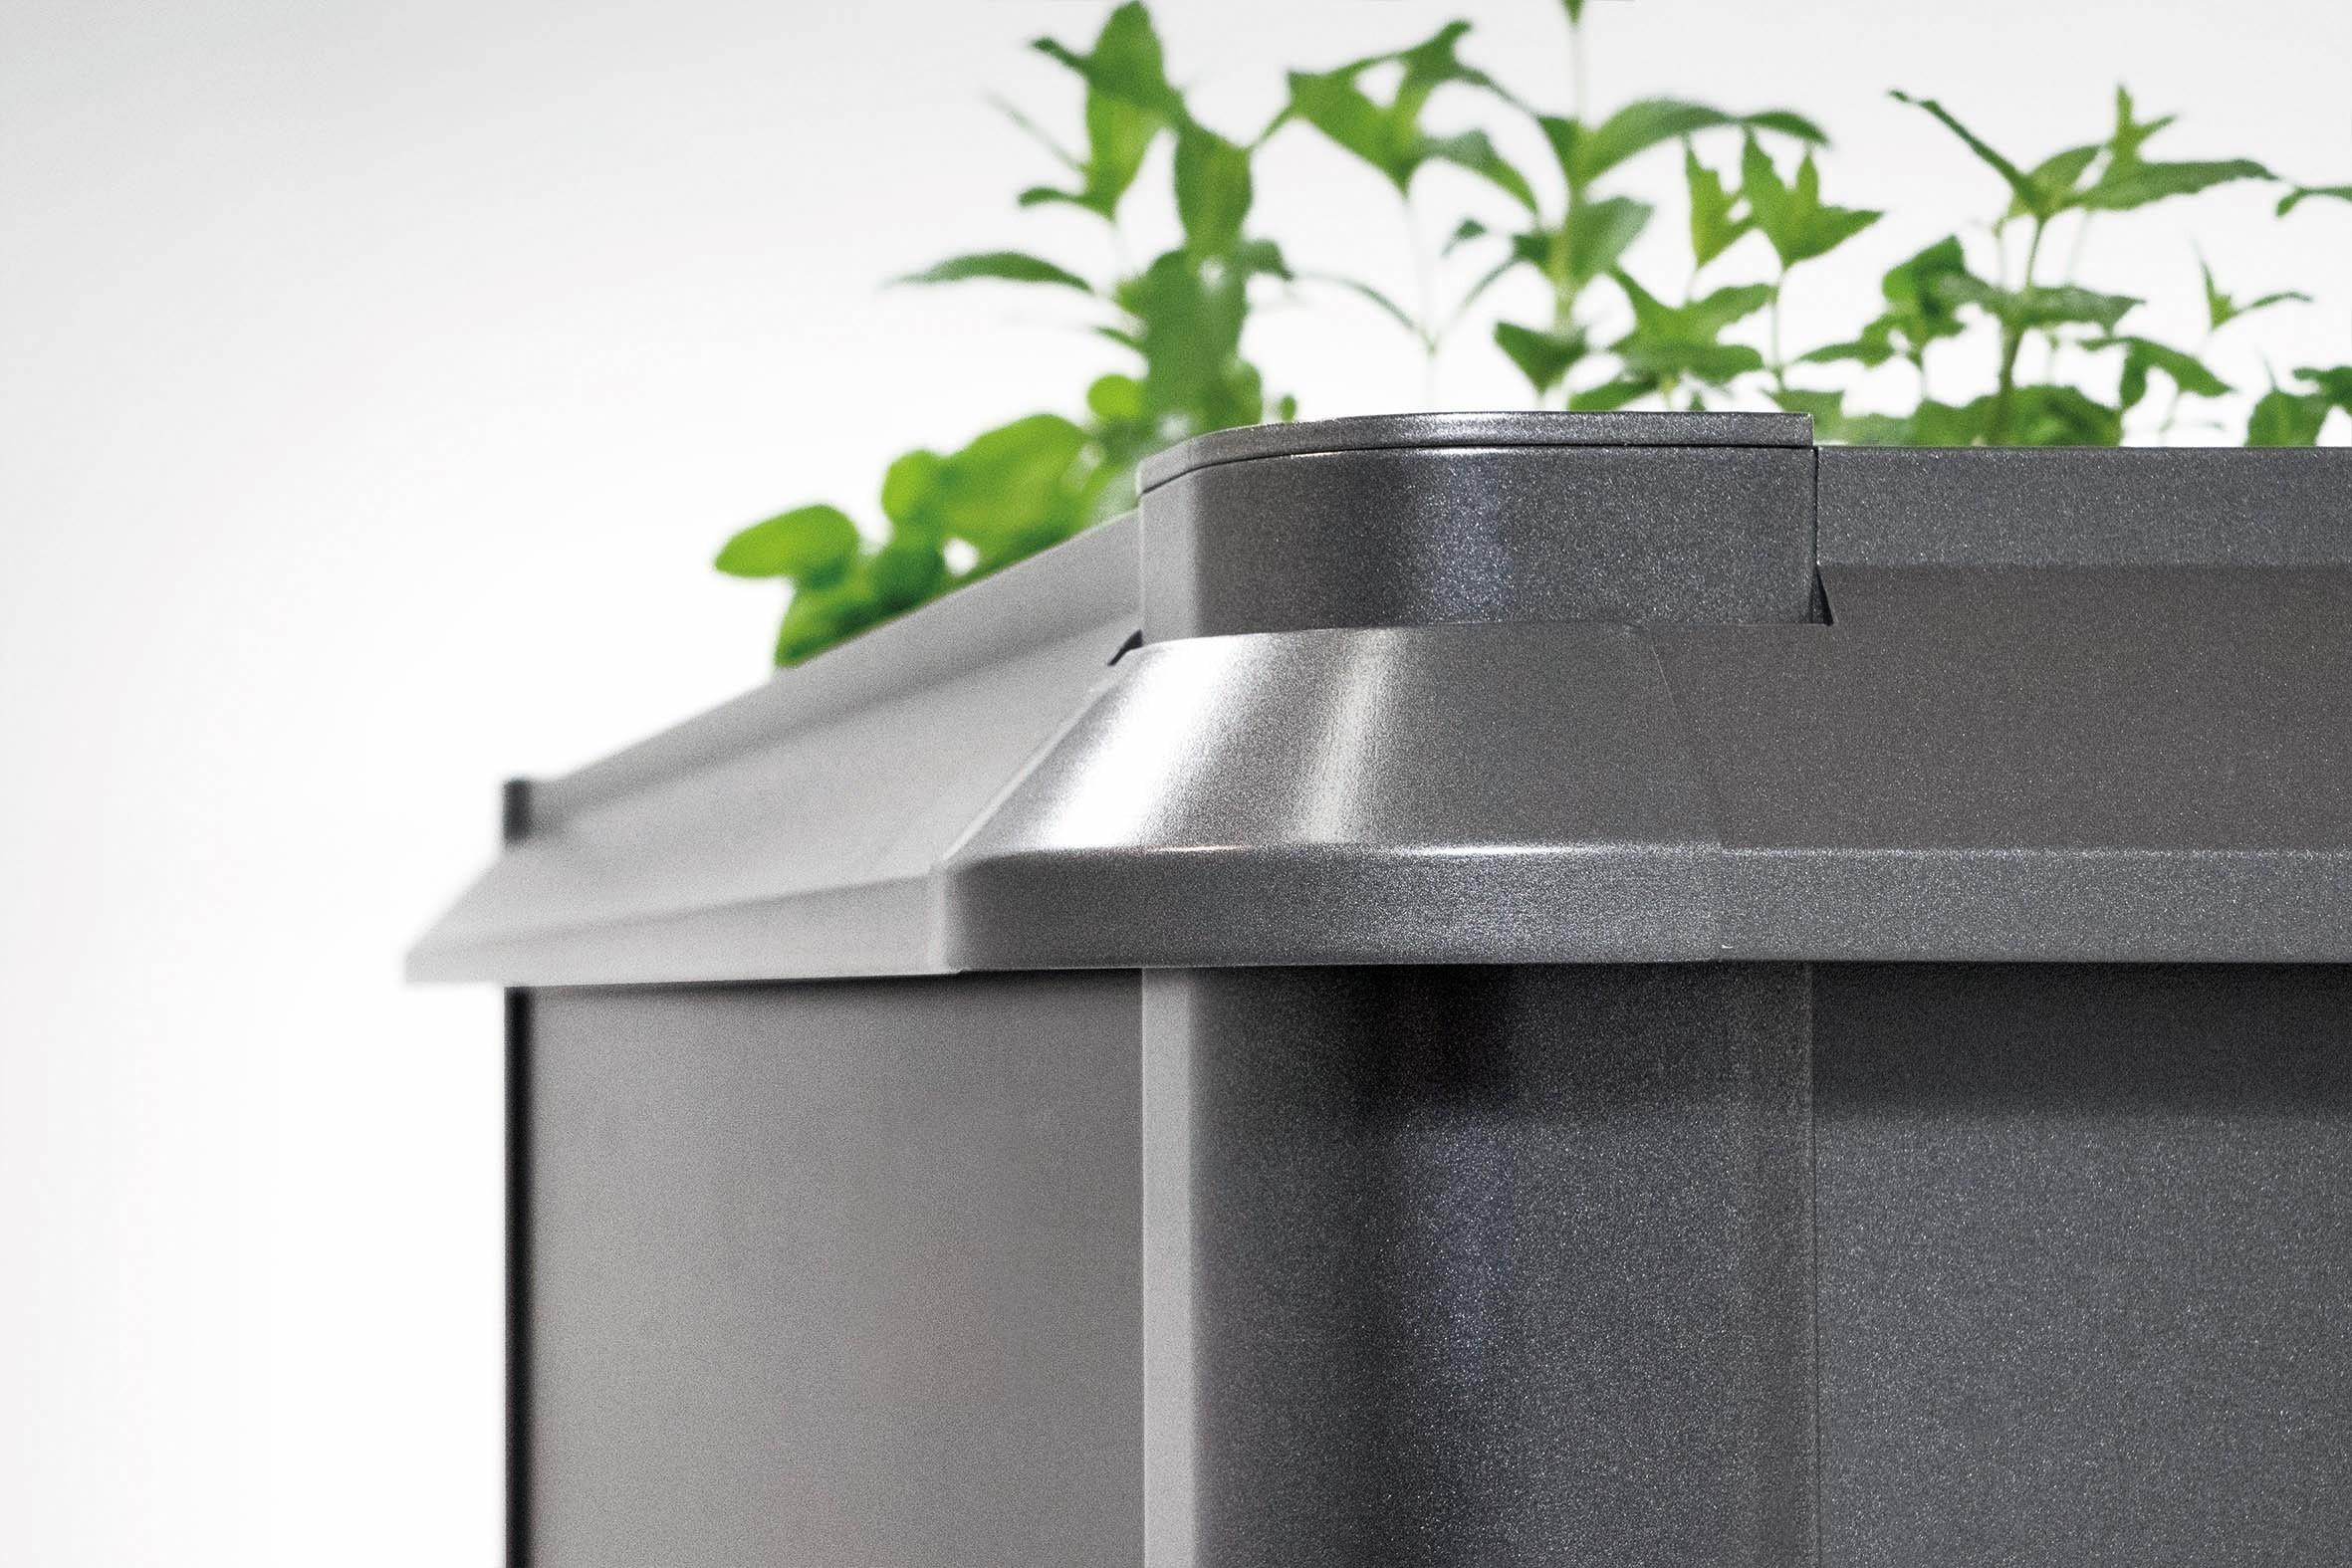 Schneckenschutz für Biohort Hochbeet 2x1 dunkelgrau-metallic Bild 1